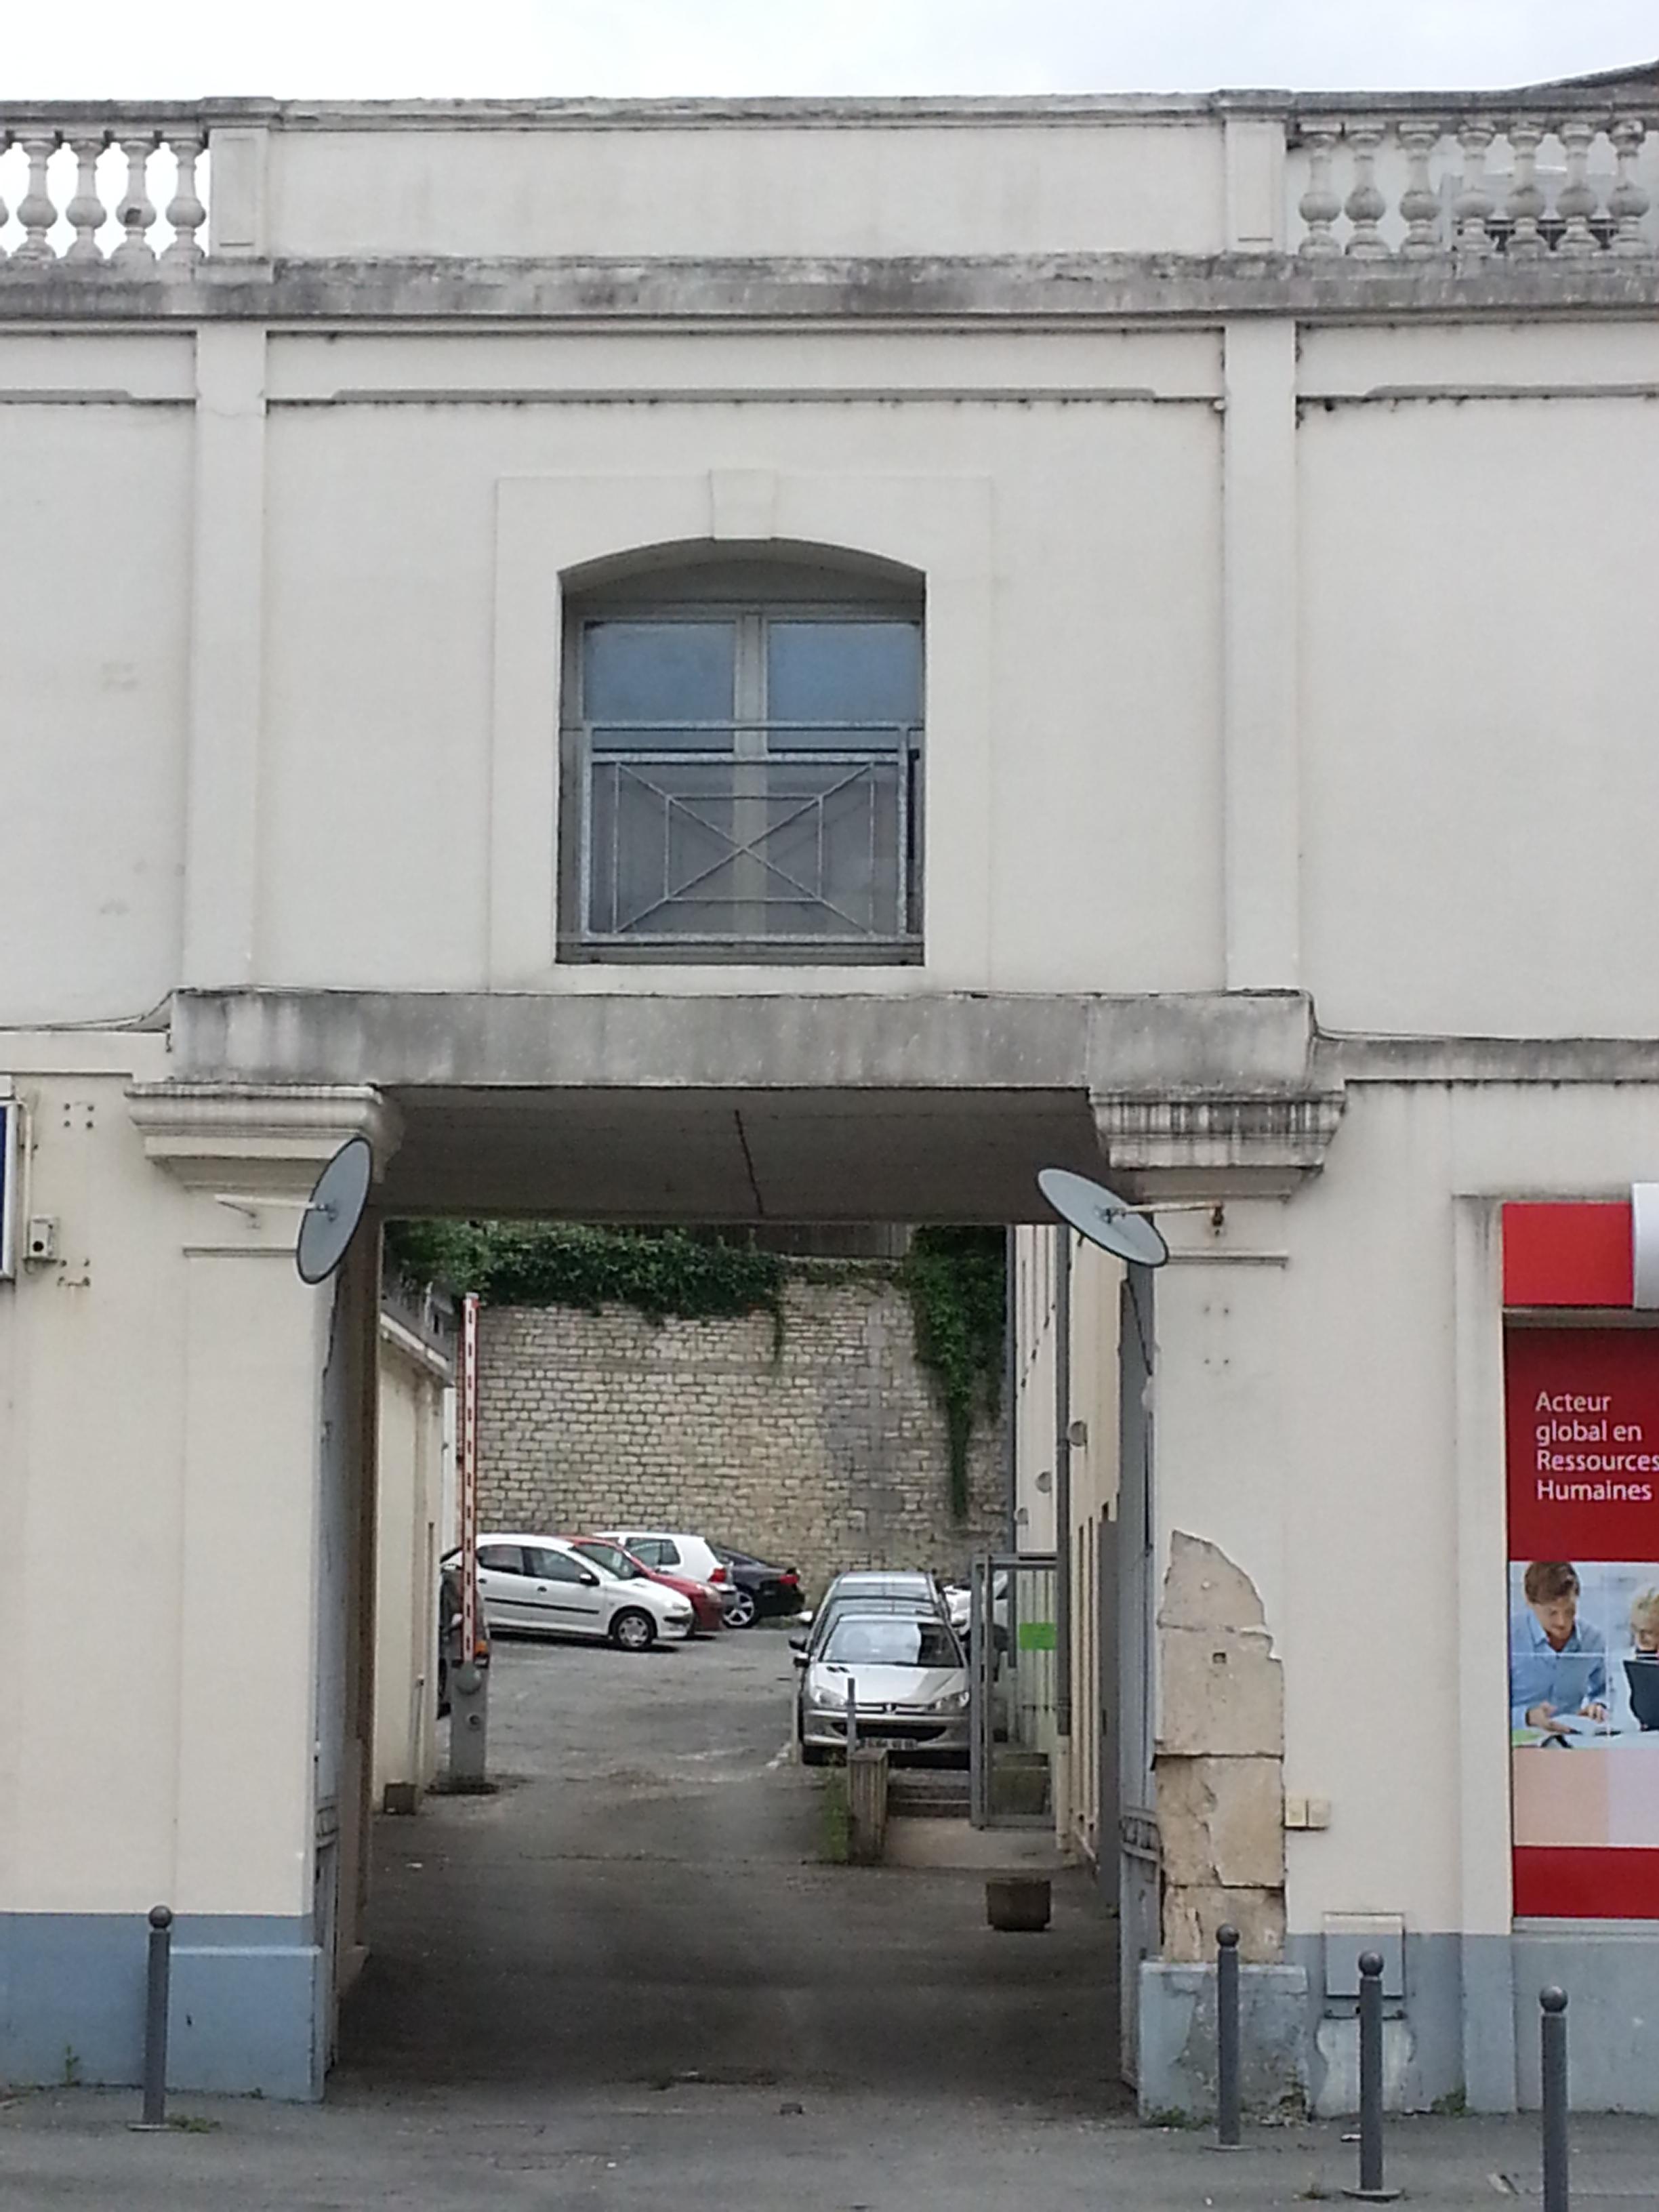 Entrée du CIO de Poitiers - boulevard du Grand Cerf à Poitiers